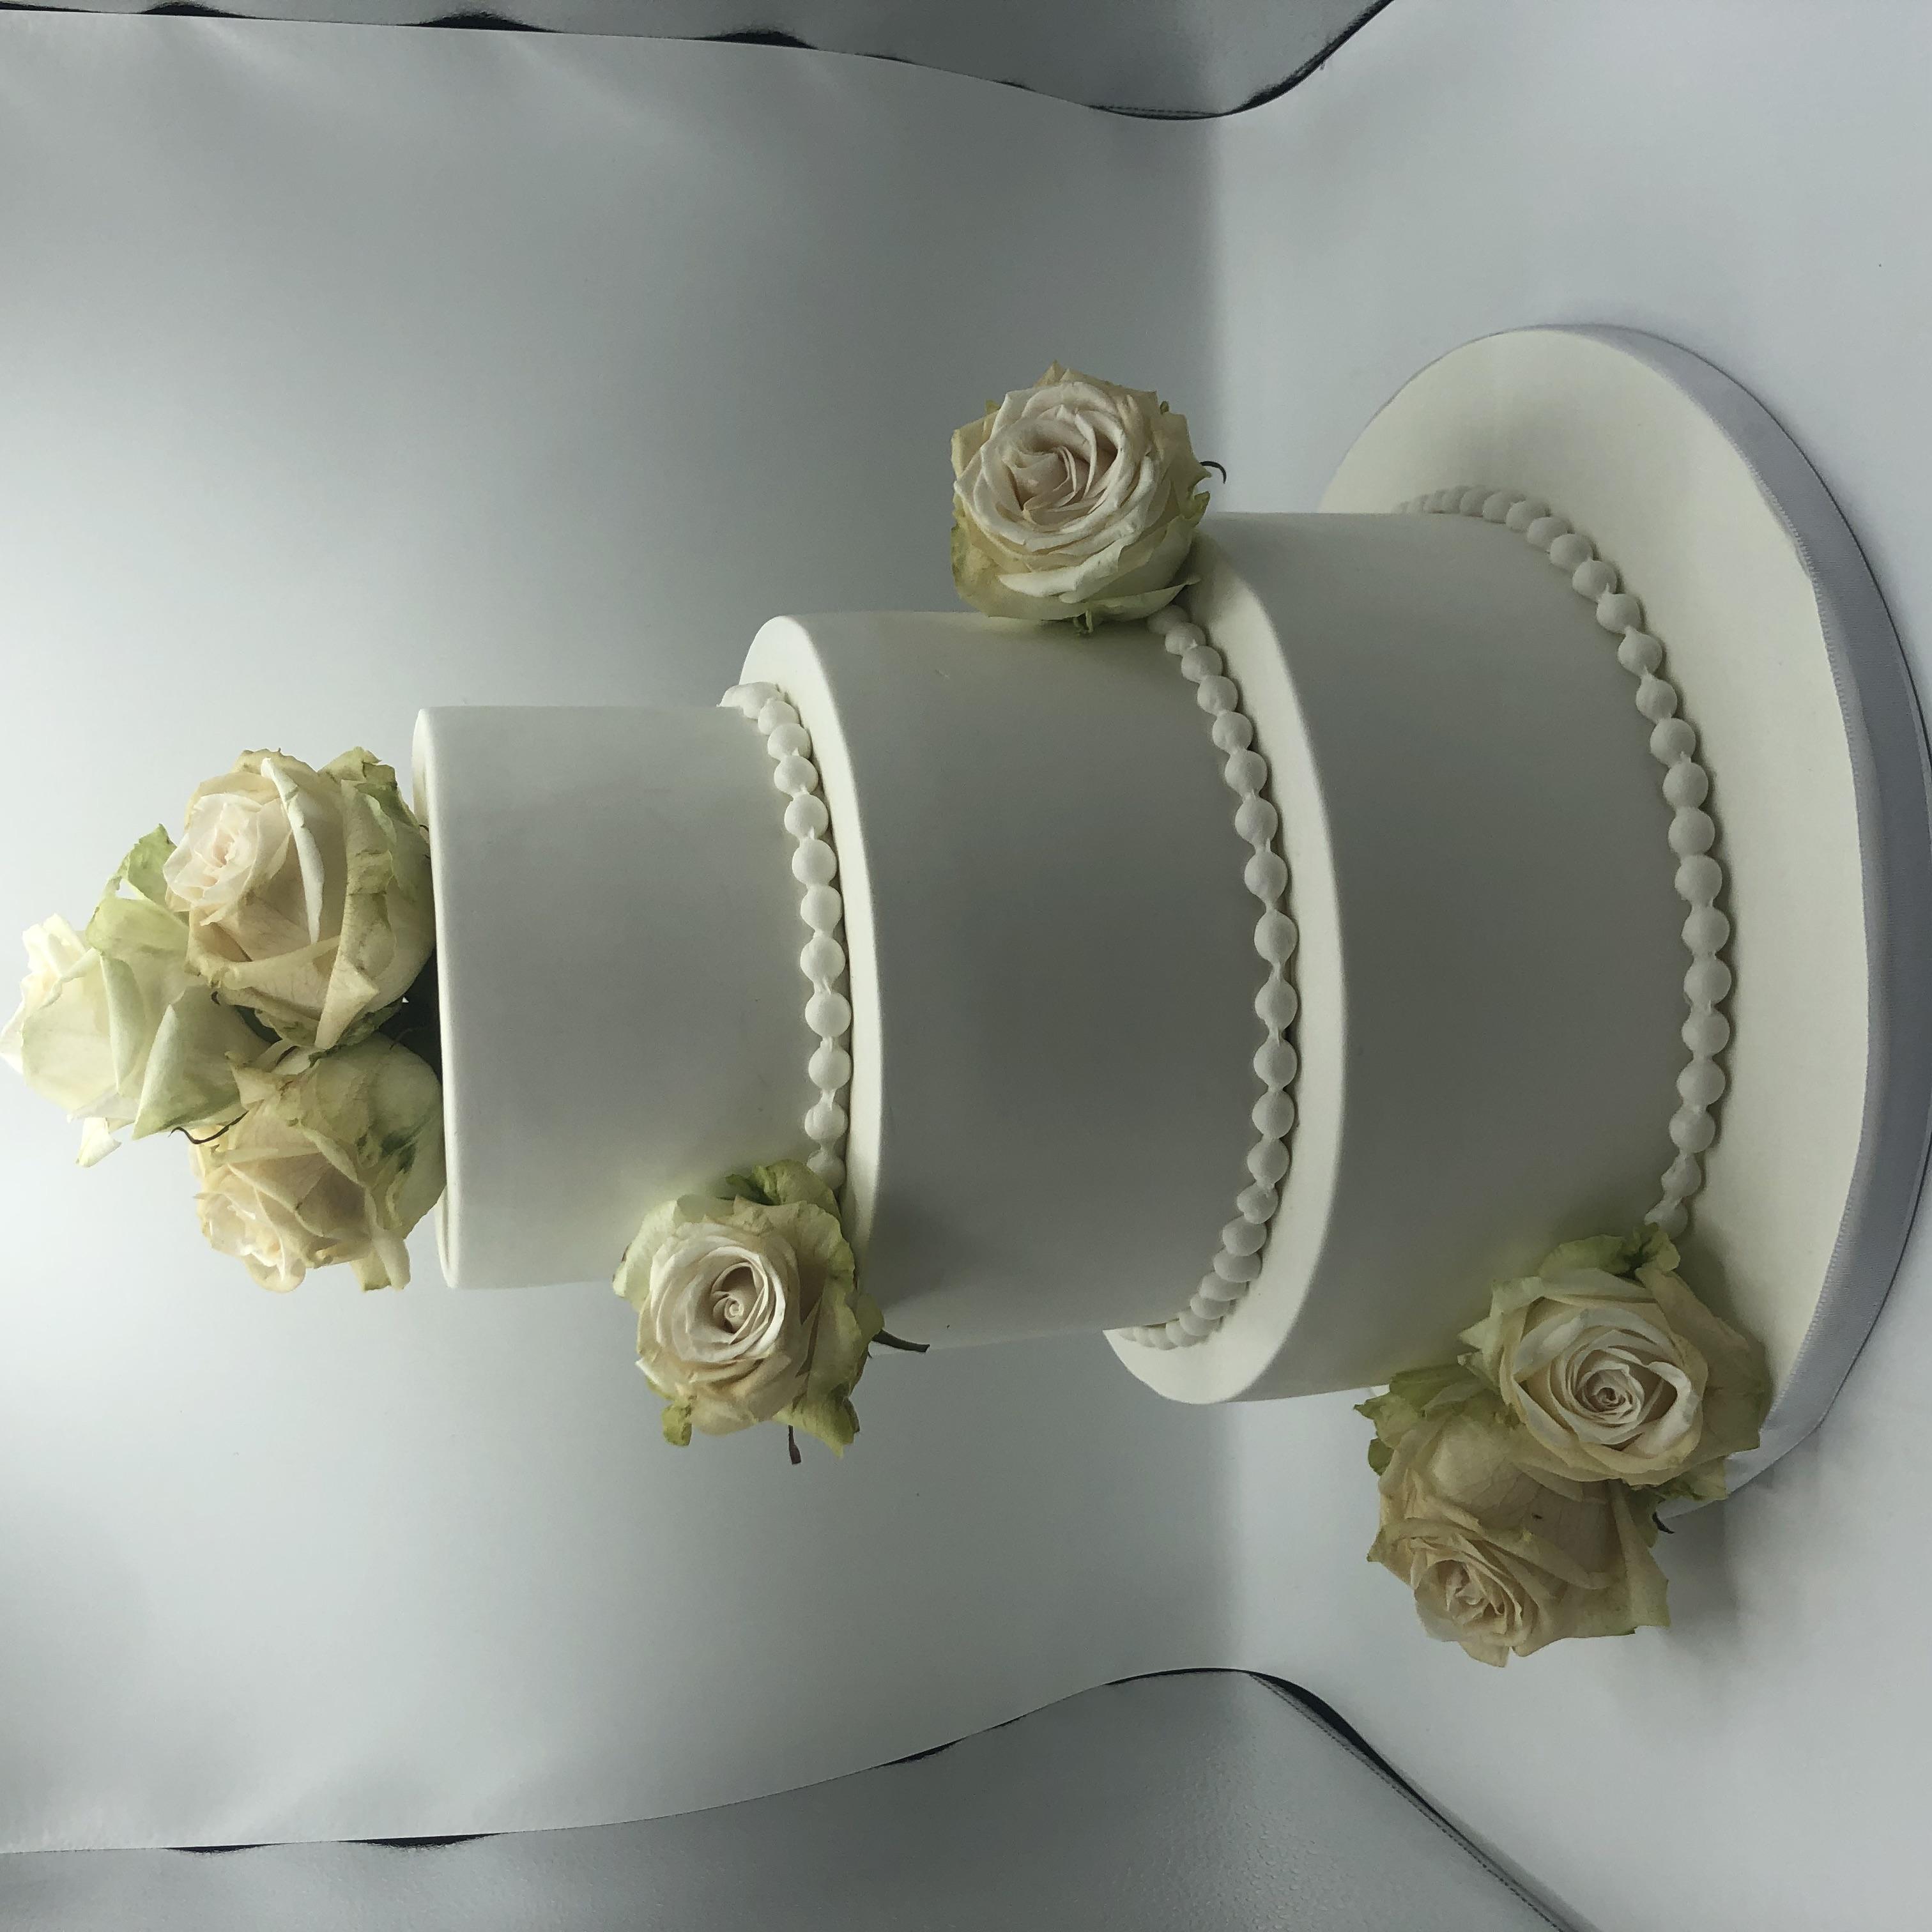 Tarta boda personalizada coruña weedding cake coruña